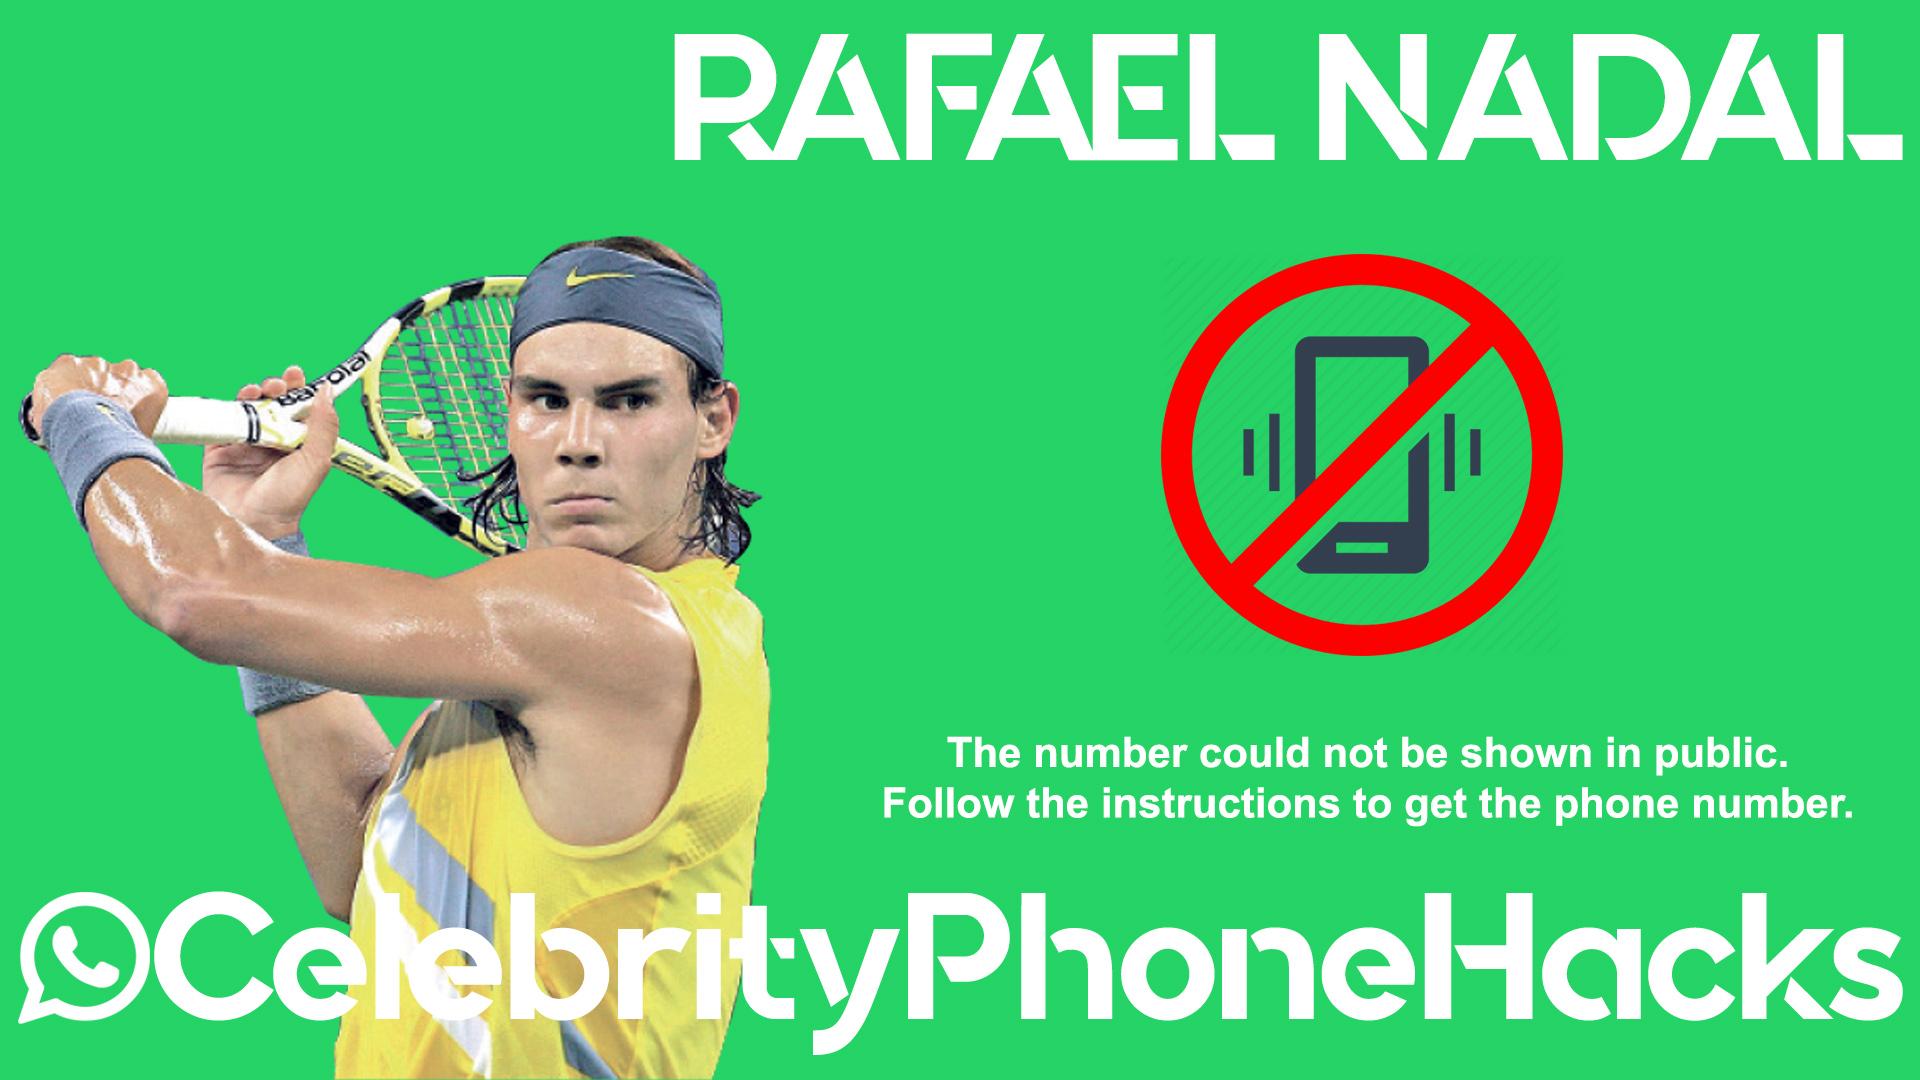 Rafael Nadal real phone number 2019 whatsapp hacked leaked